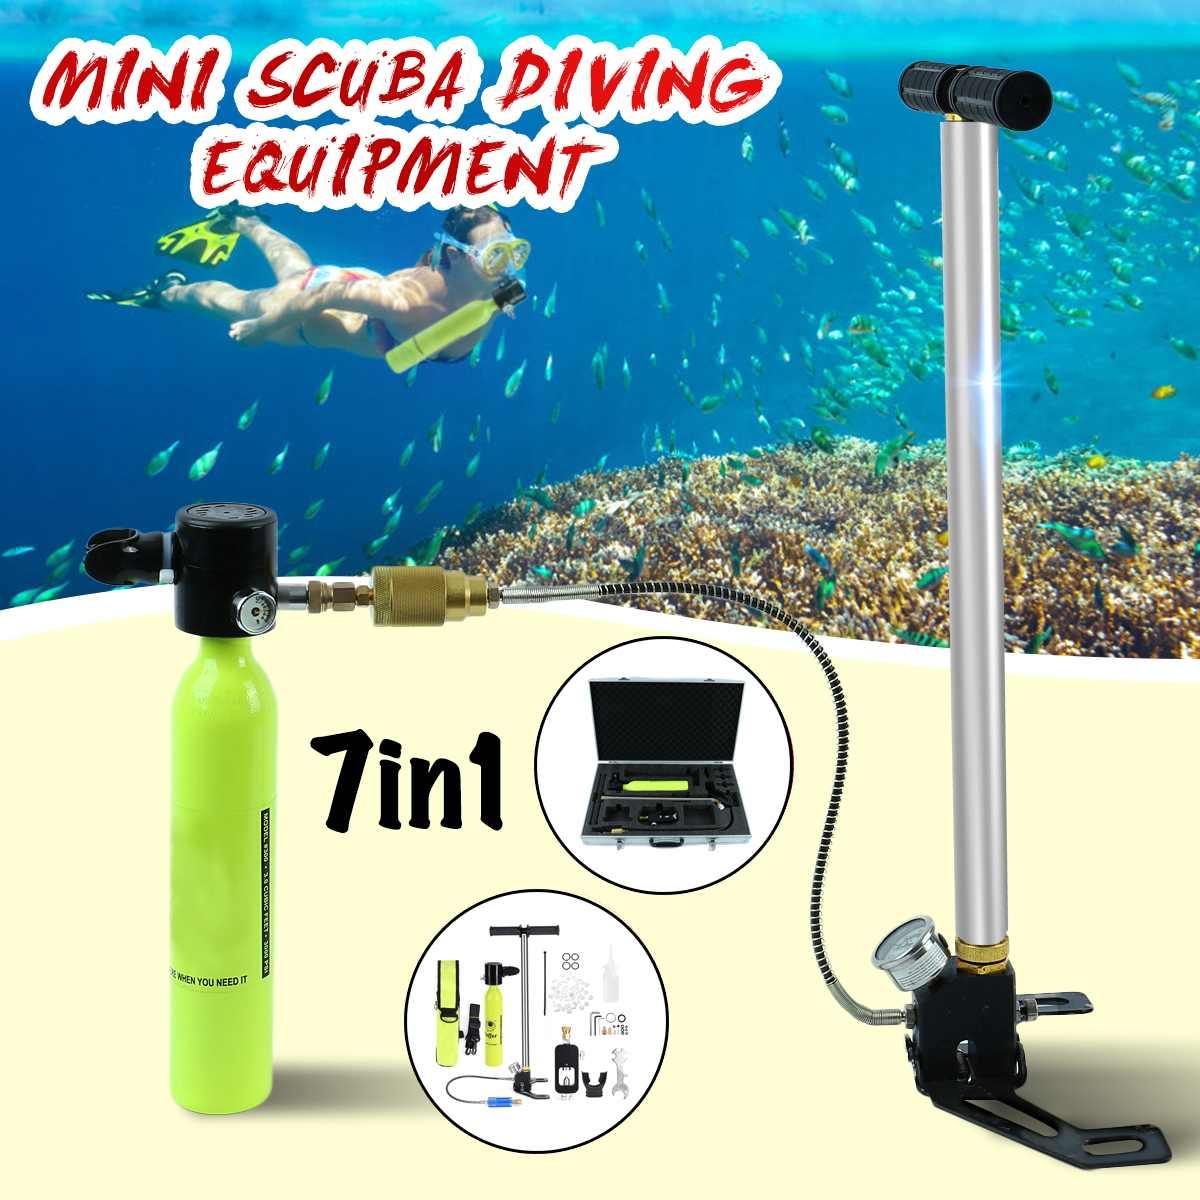 Mini réservoirs d'air d'oxygène de plongée équipement de plongée pour la plongée en apnée